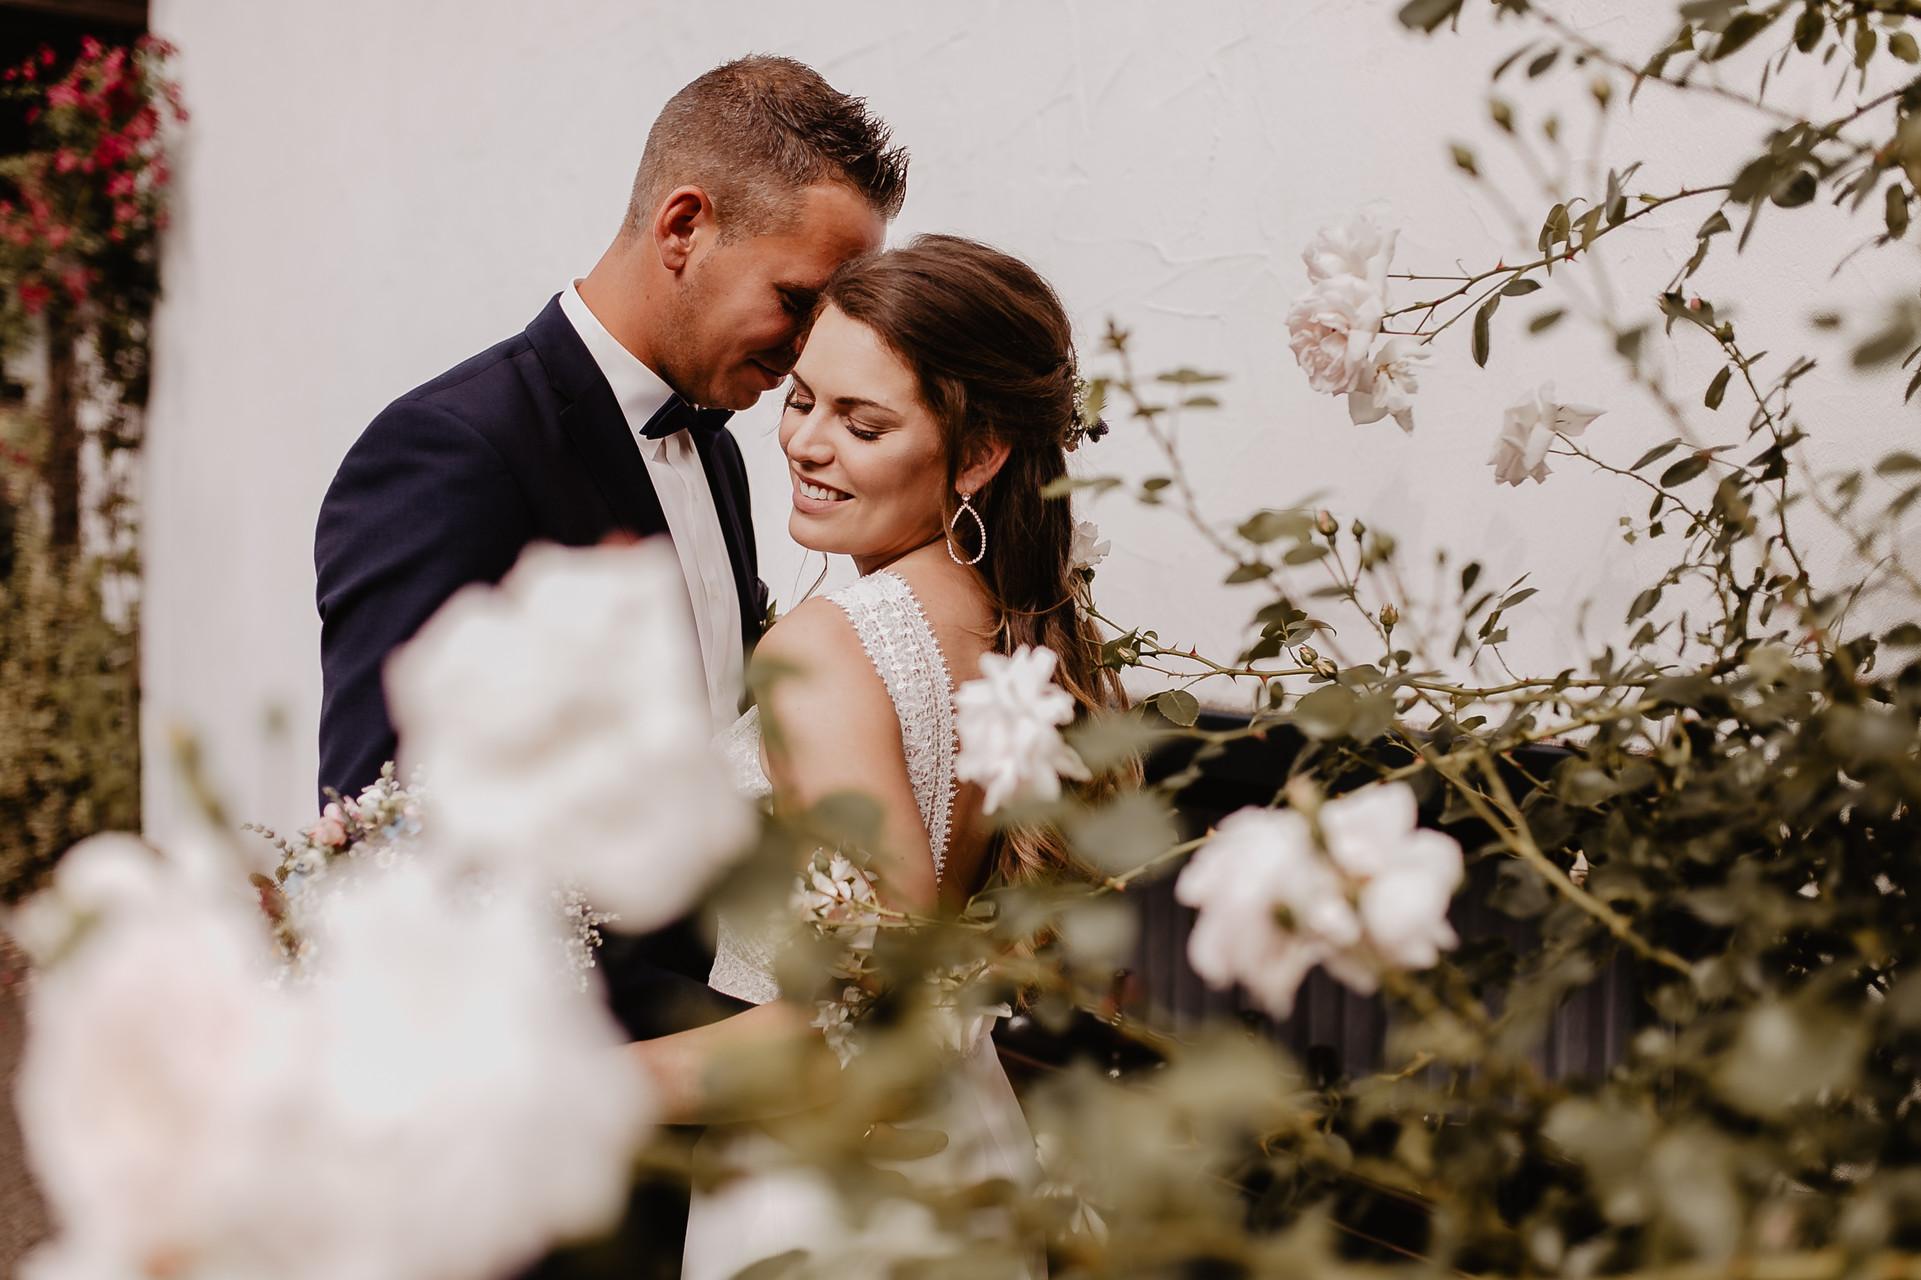 Hochzeit_Insul_Keulers_Lichtliebe_31.JPG